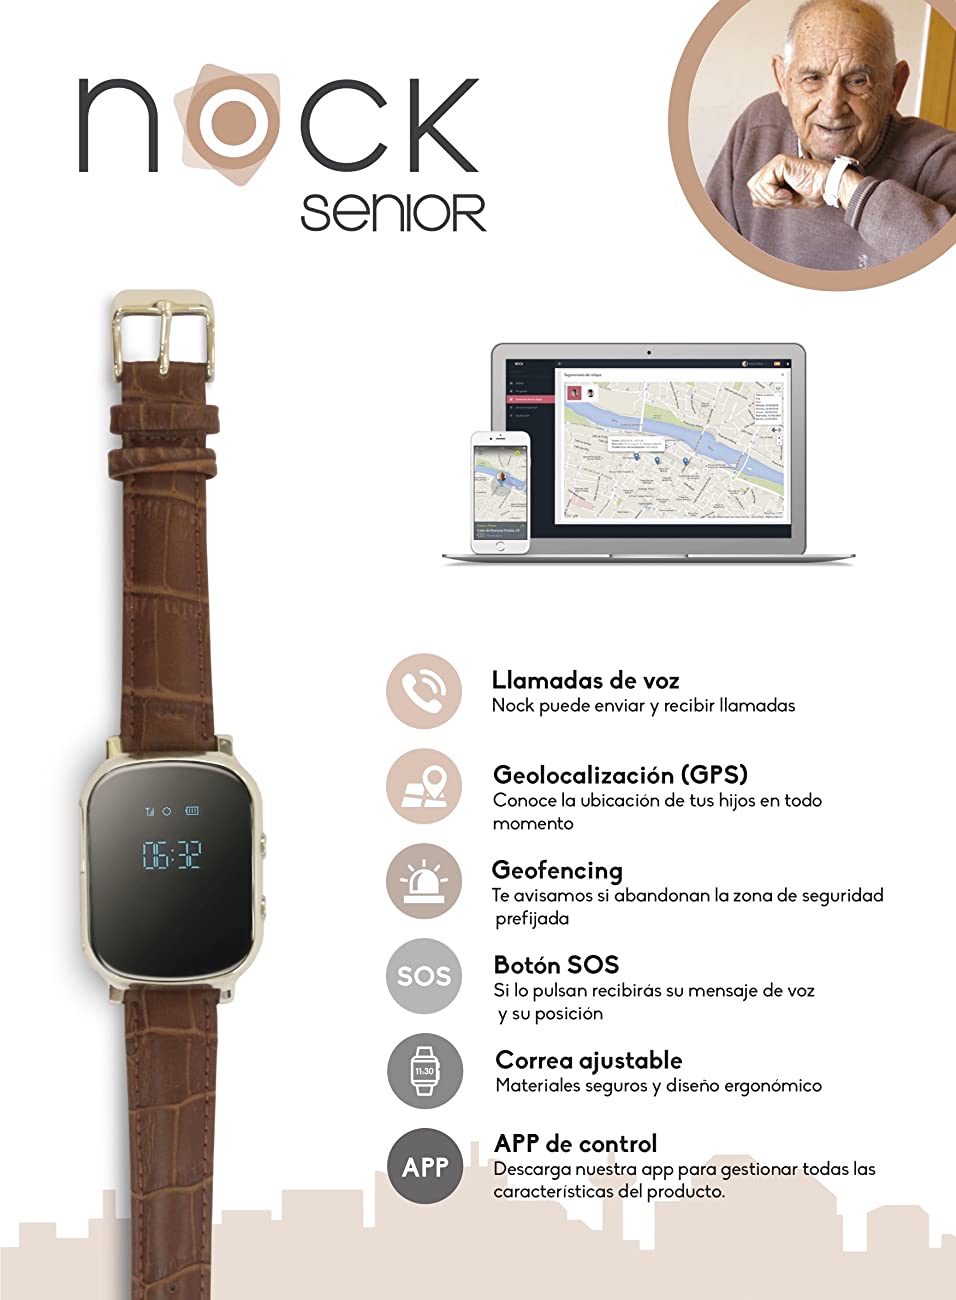 Reloj localizador GPS personas mayores o alzheimer. Nock Senior. Cuida de los tuyos.